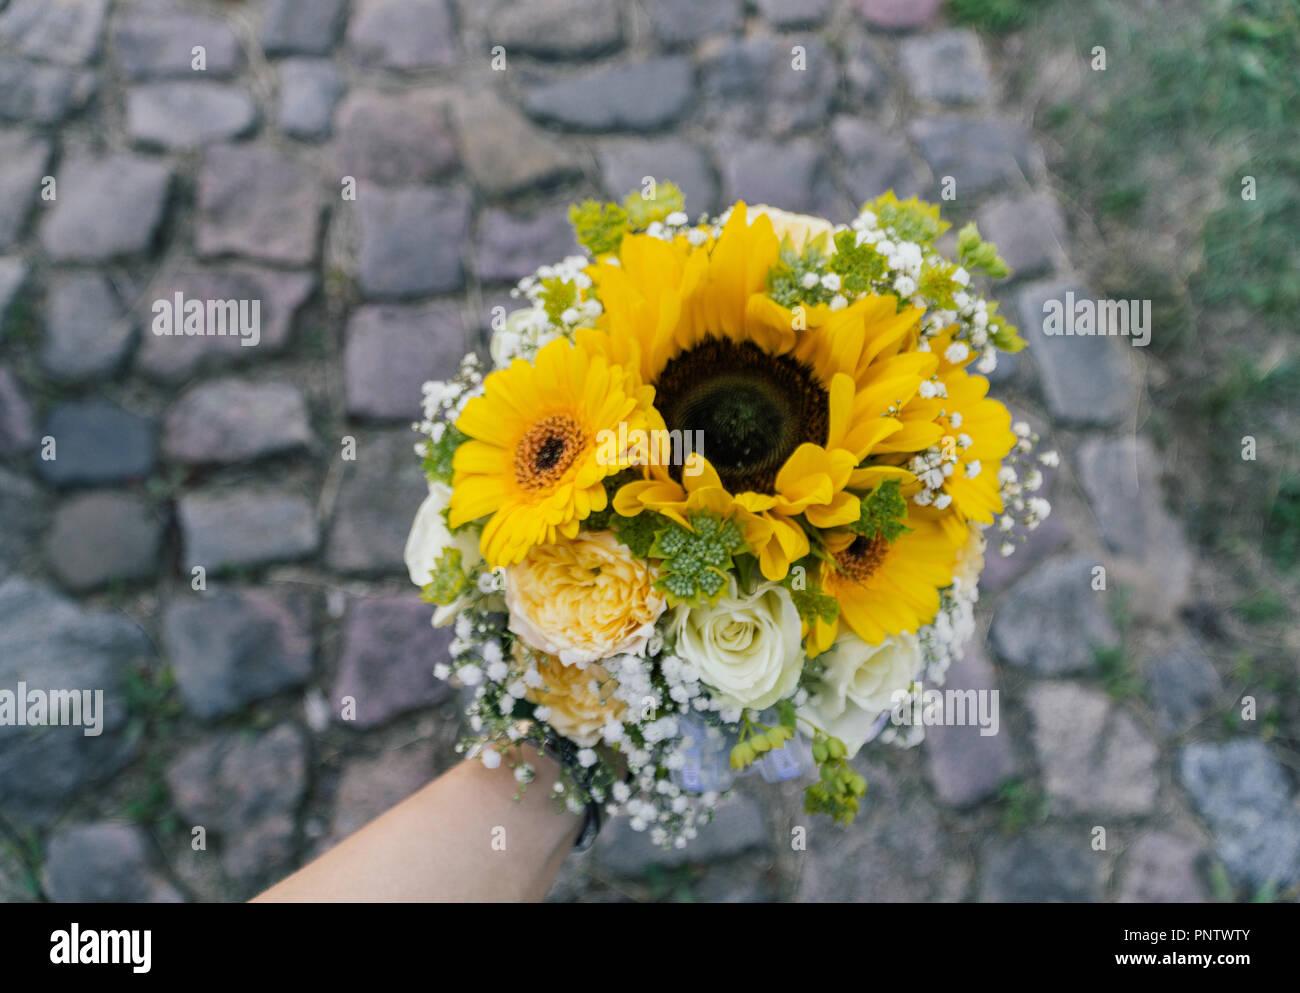 Matrimonio Fiori Girasole : Acquista matrimonio bouquet di fiori realistico artificiale